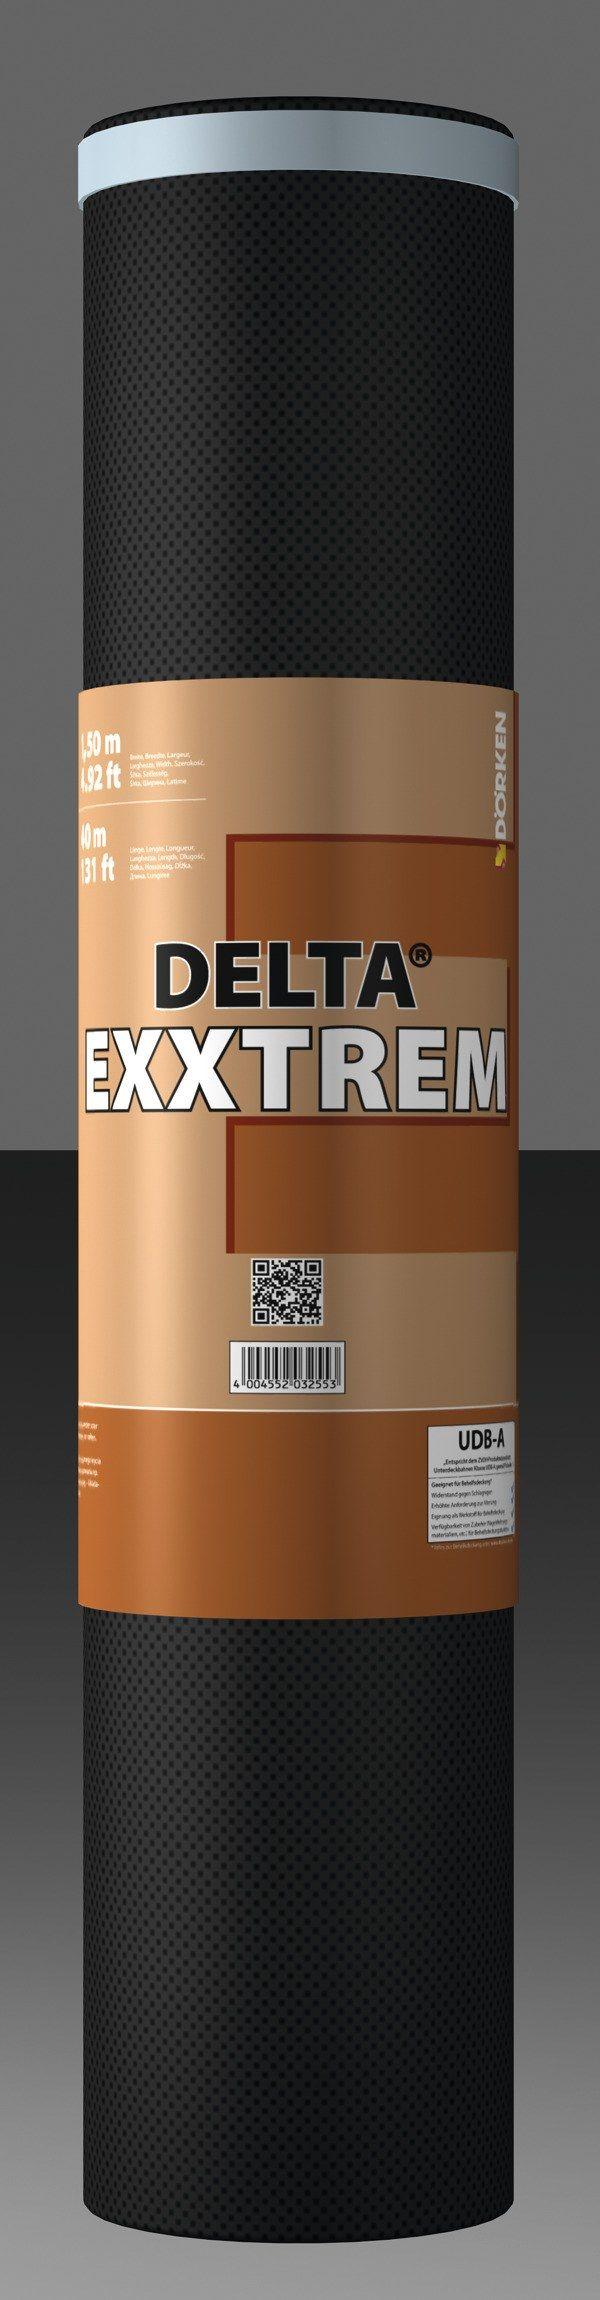 DELTA® - EXXTREM